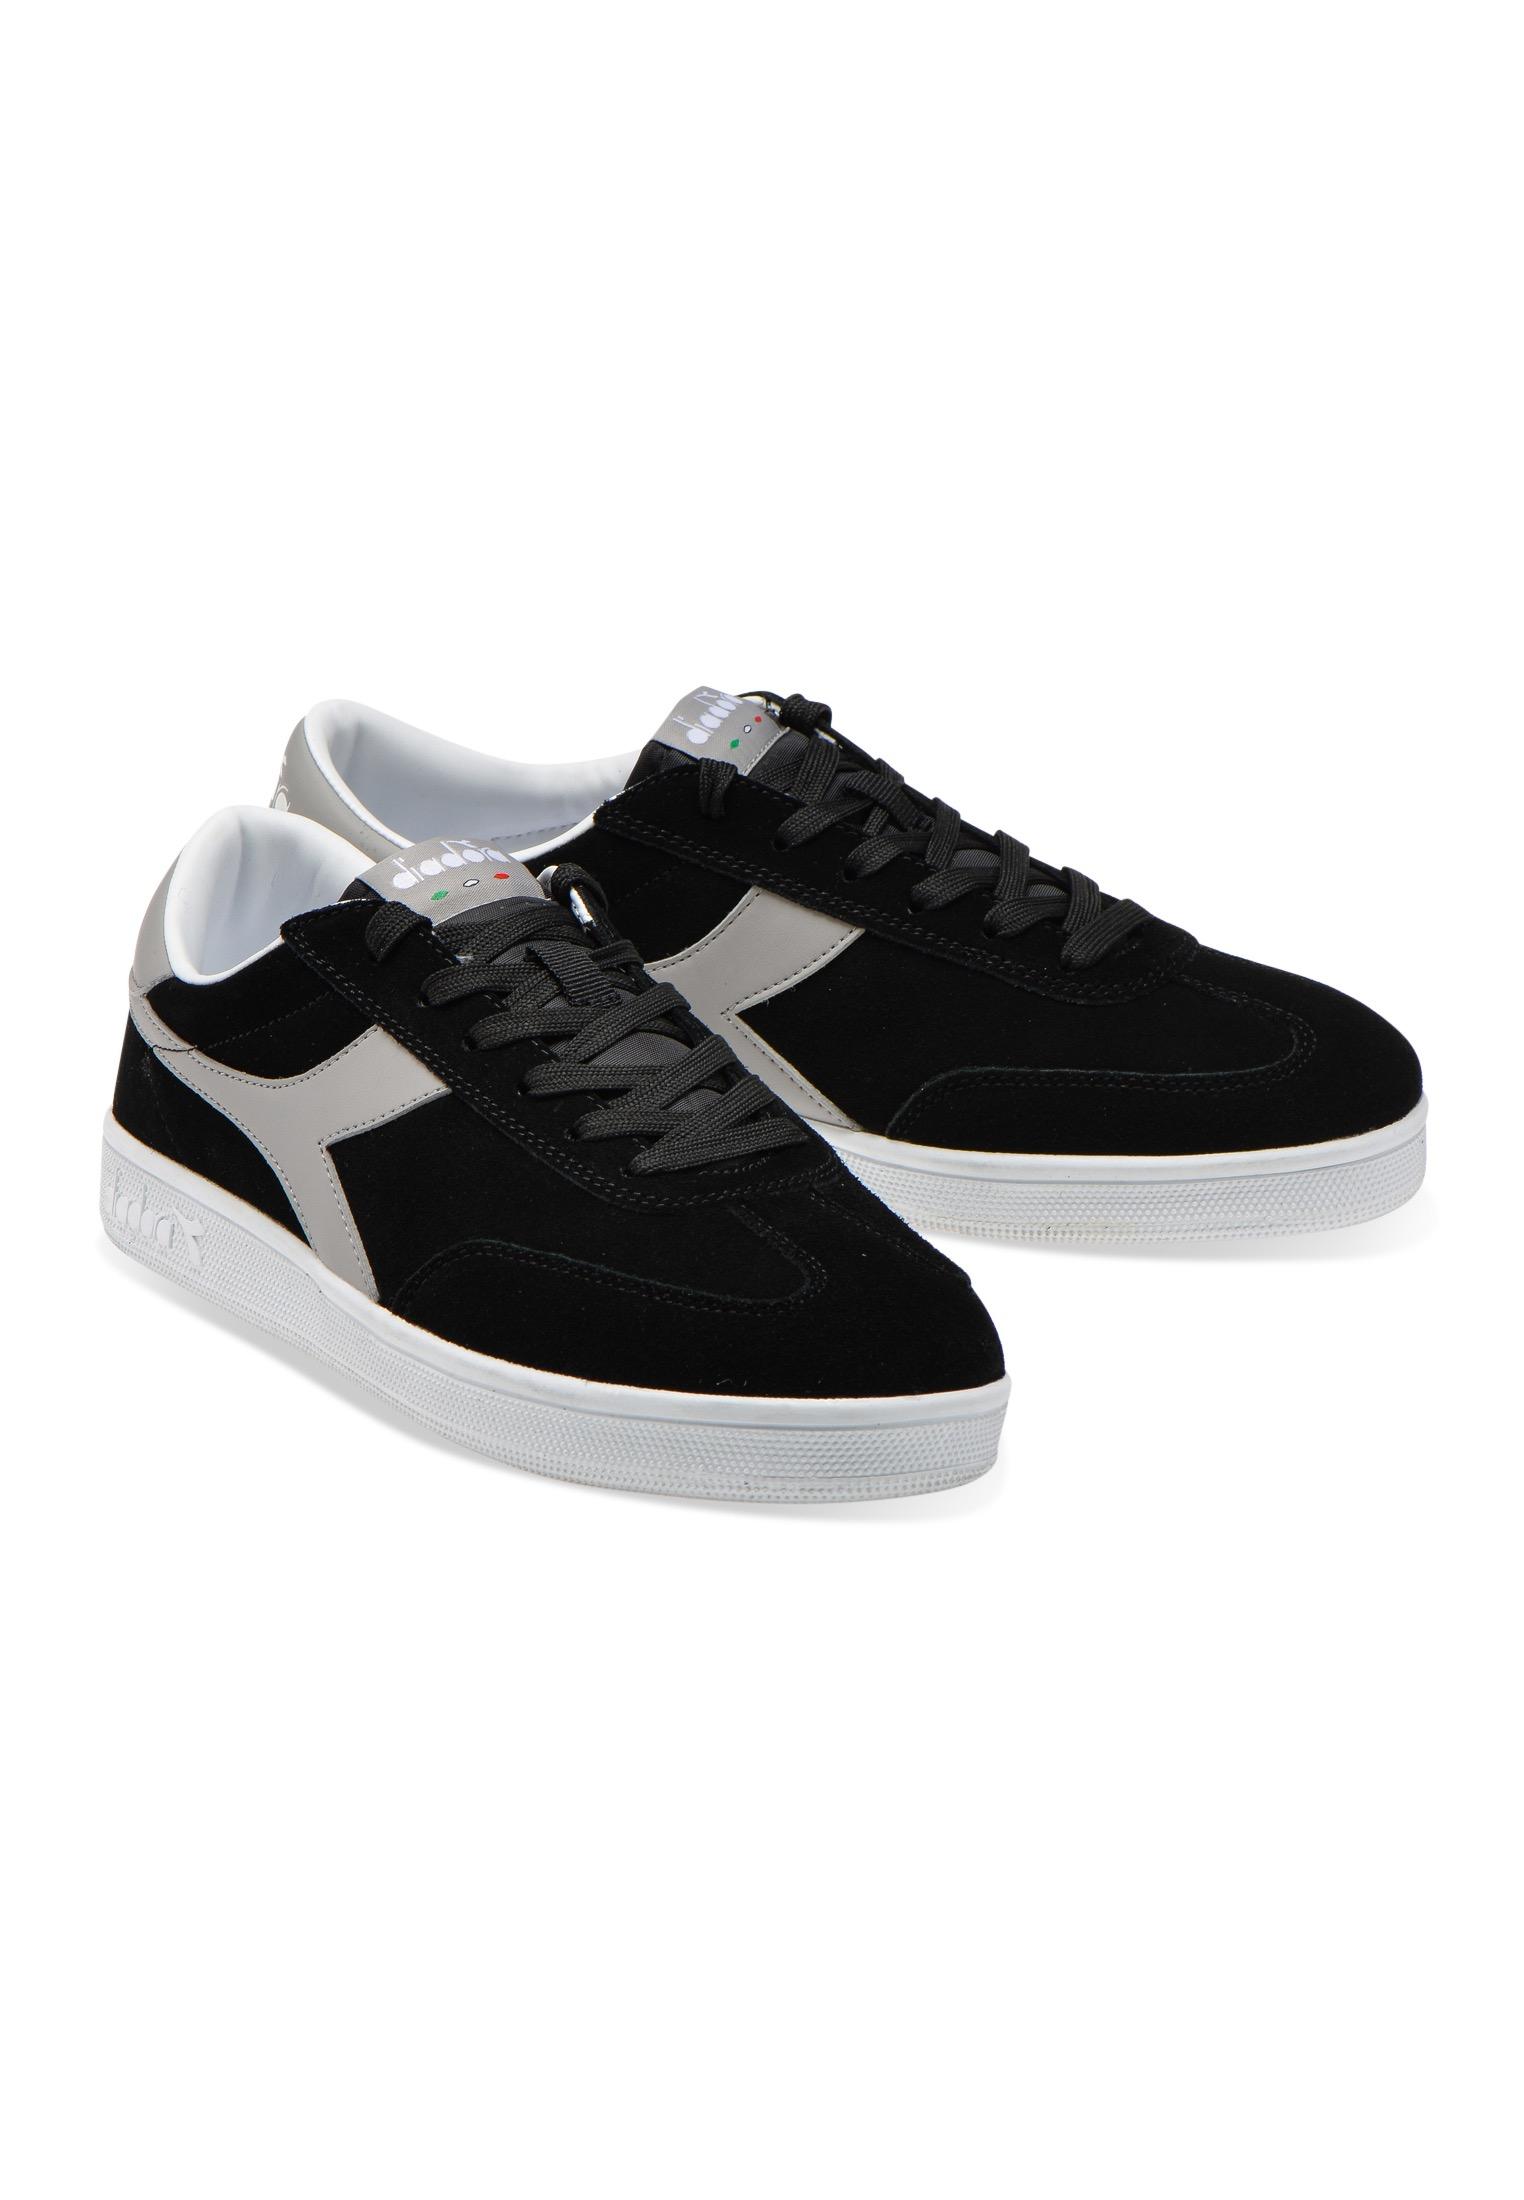 miniatura 29 - Diadora - Sneakers FIELD per uomo e donna